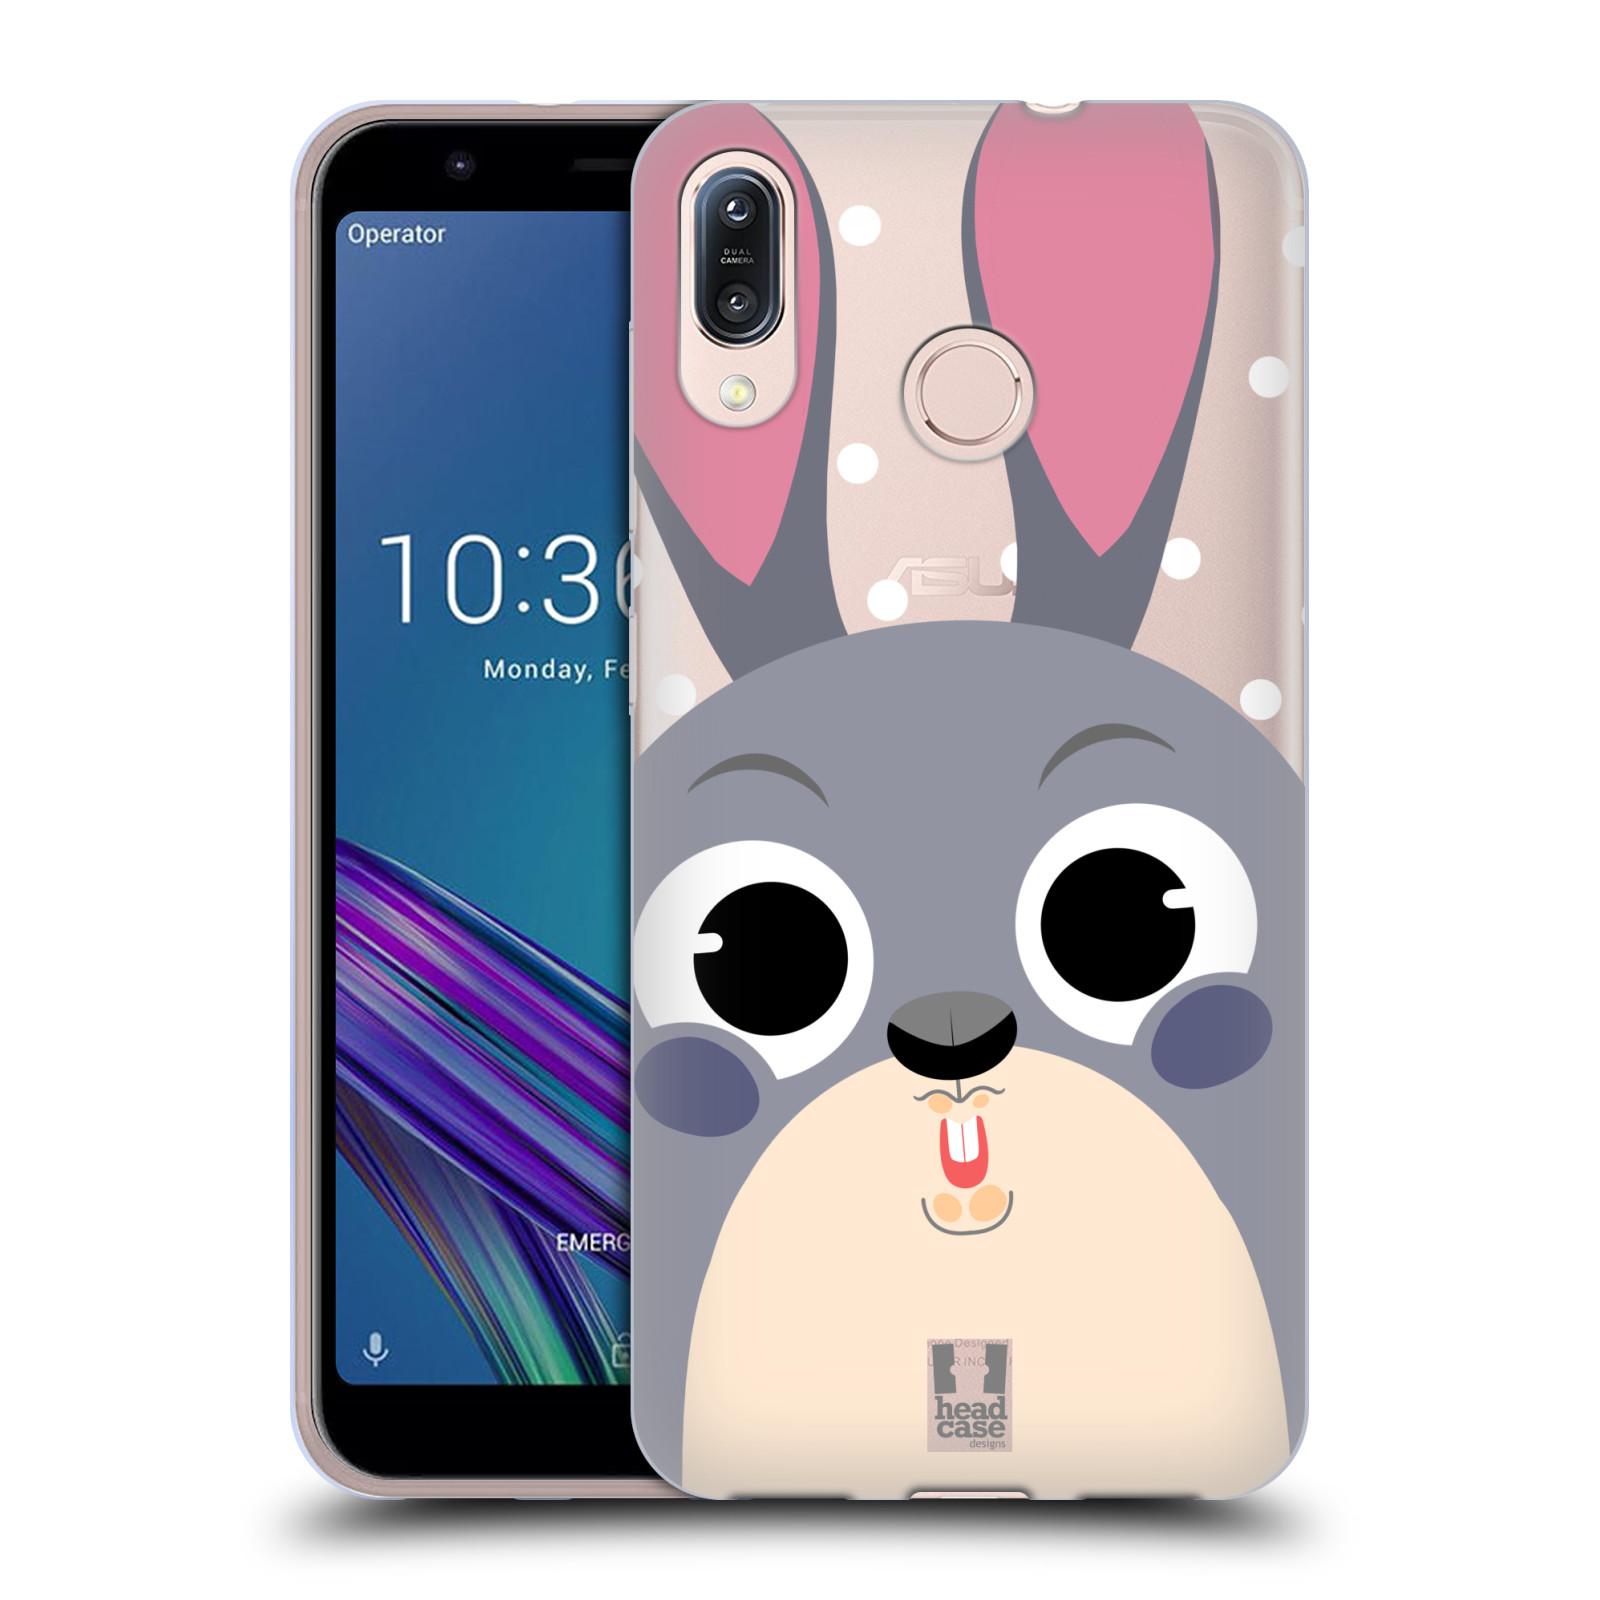 Silikonové pouzdro na mobil Asus Zenfone Max M1 ZB555KL - Head Case - Králíček roztomilouš